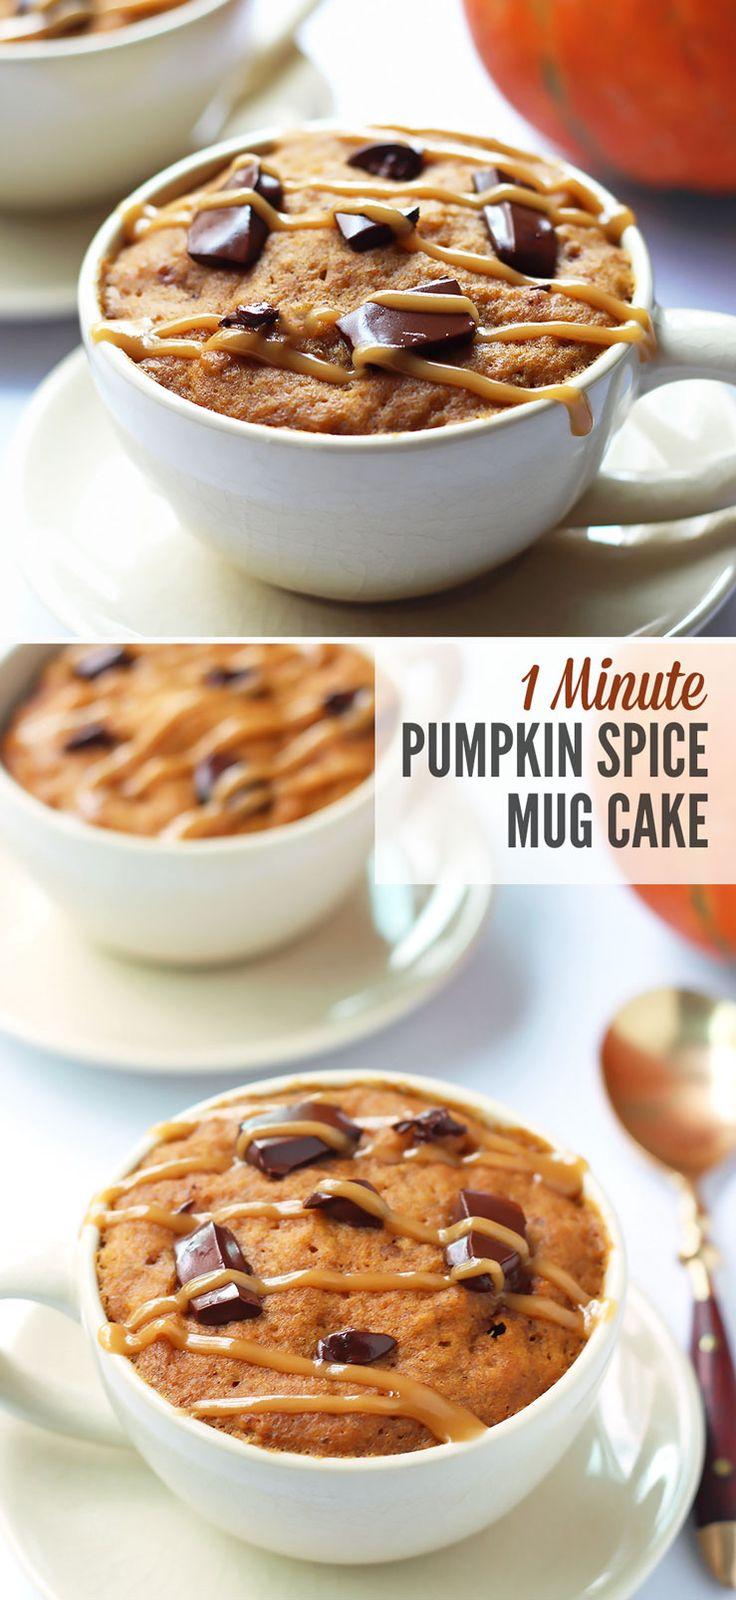 Pumpkin Mug Cake Without Cake Batter